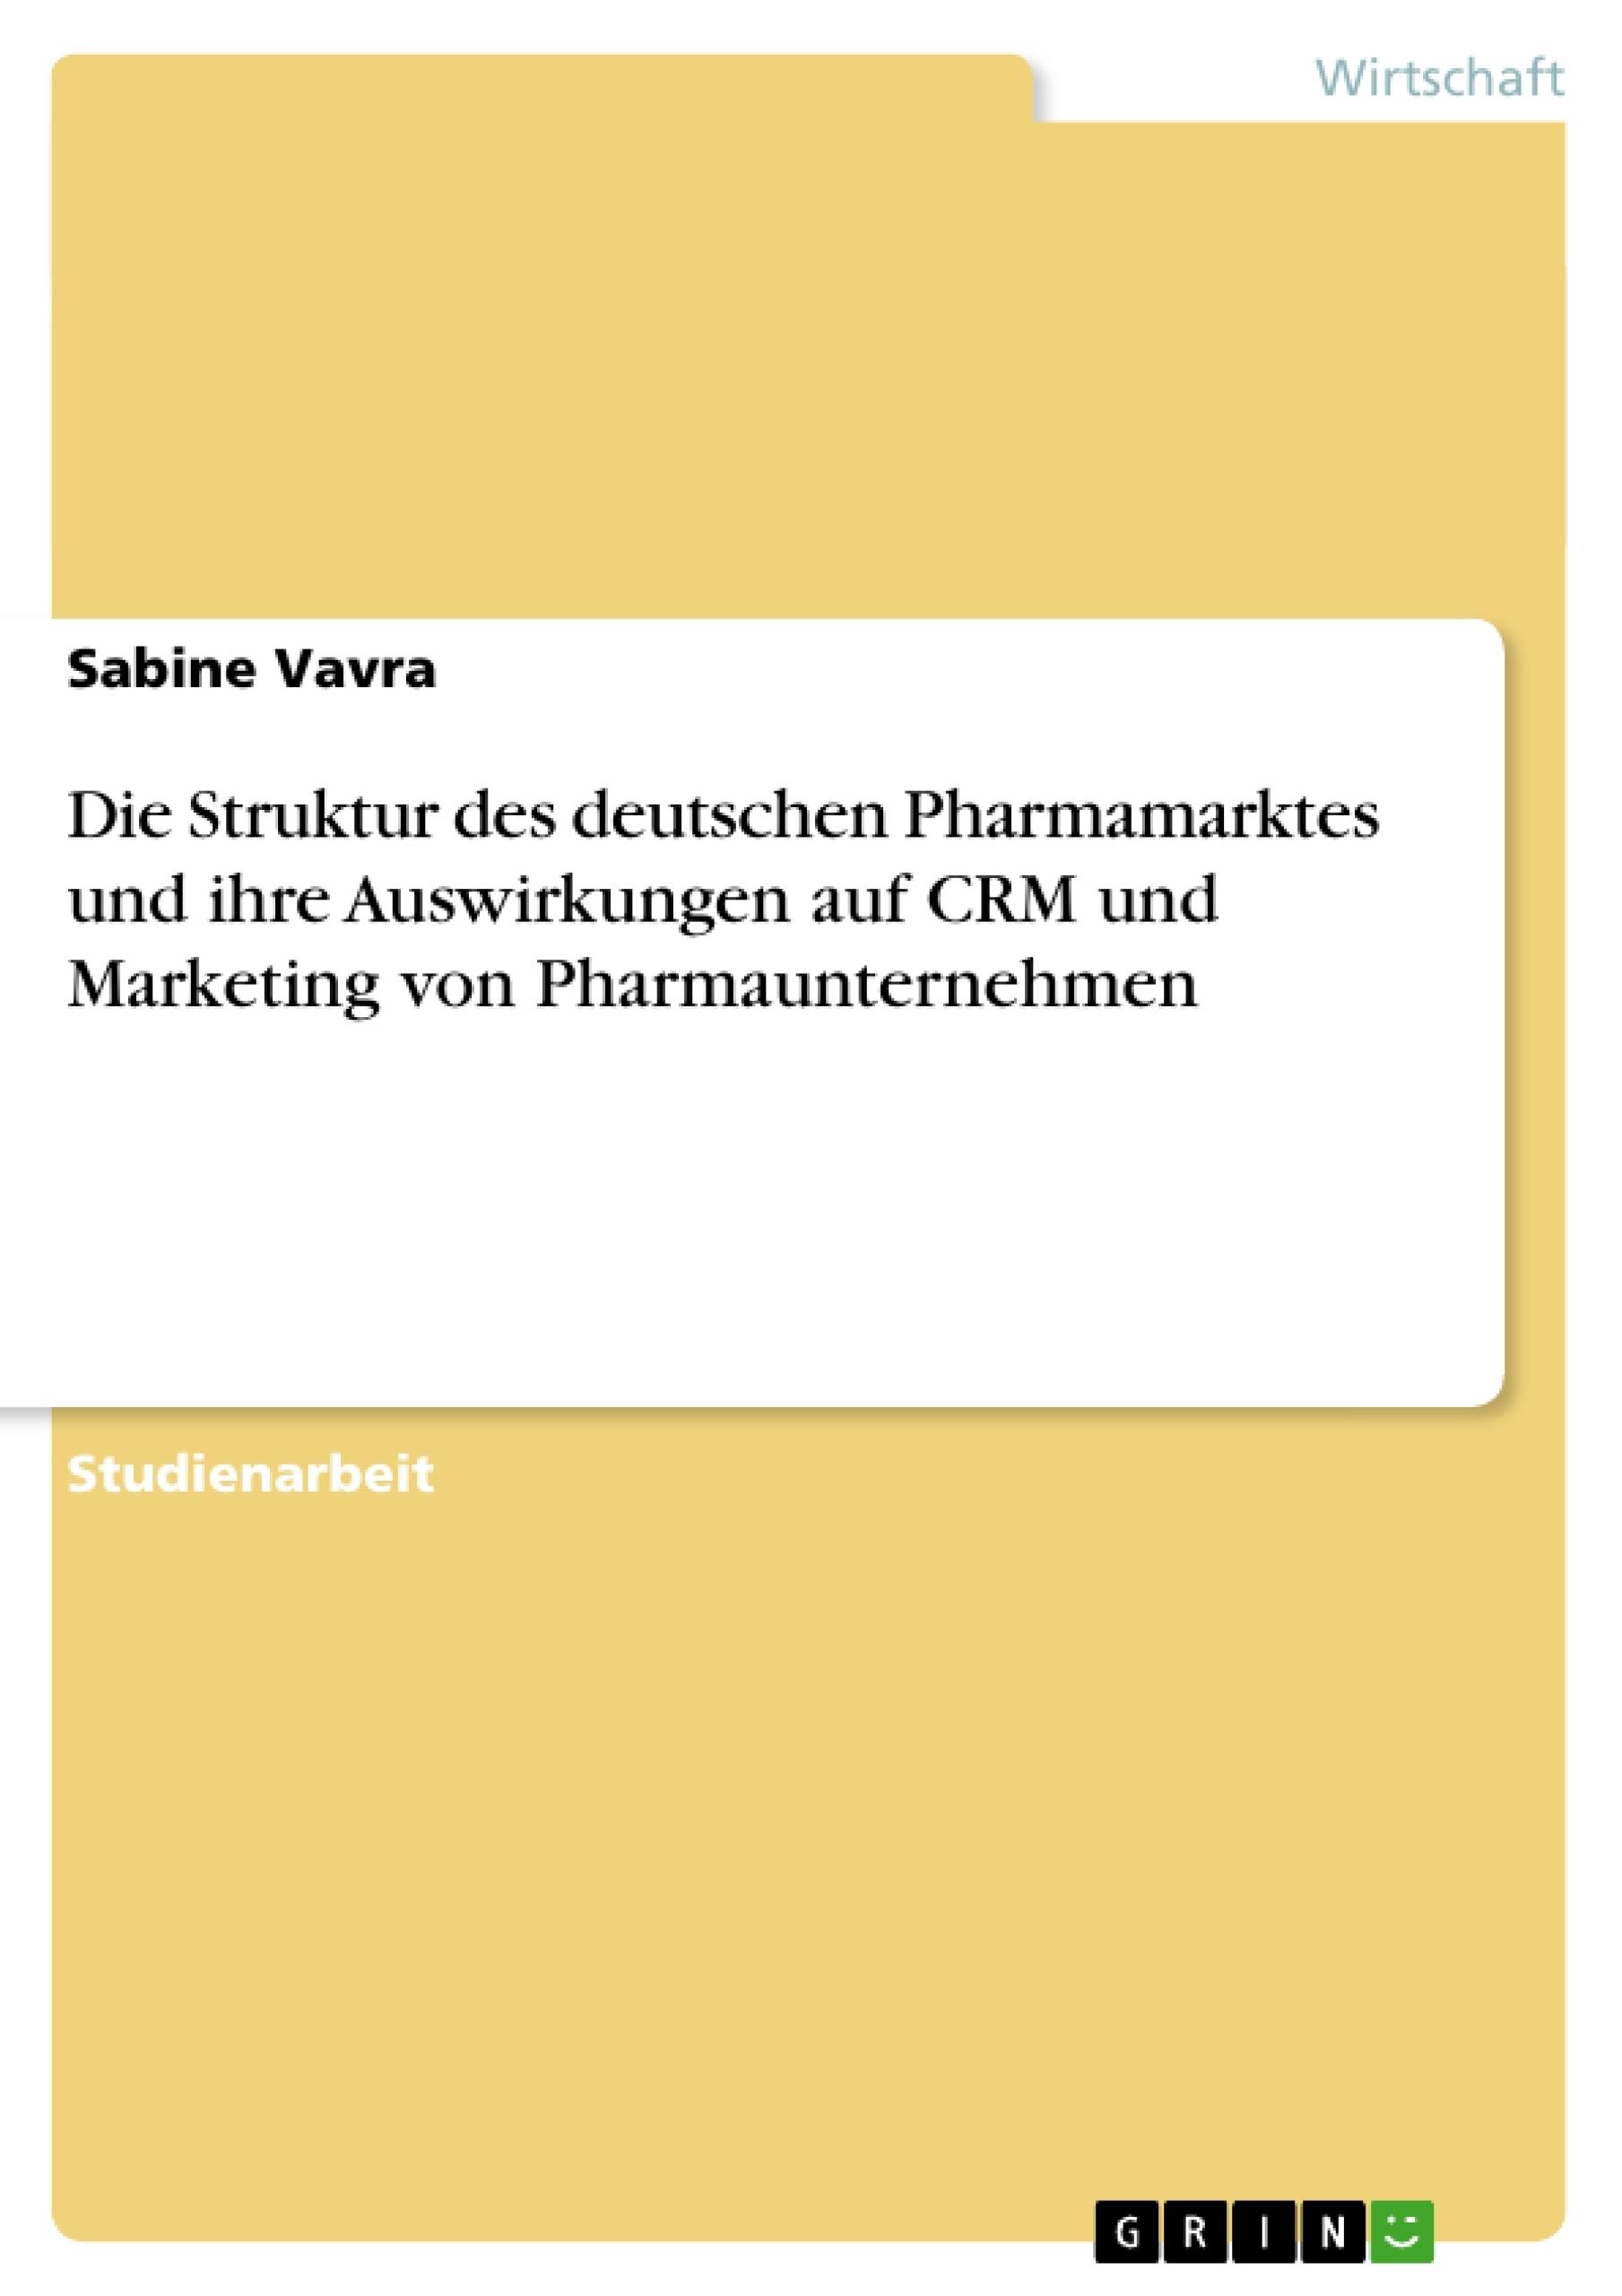 Titel: Die Struktur des deutschen Pharmamarktes und ihre Auswirkungen auf CRM und Marketing von Pharmaunternehmen